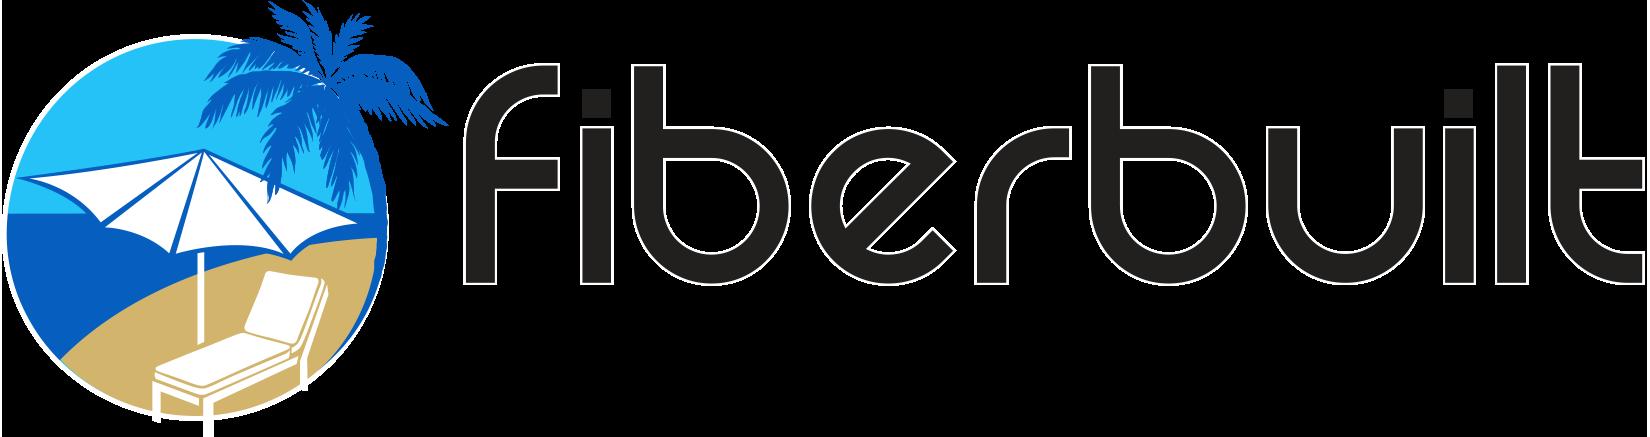 Fiberbuilt-Umbrellas-and-Cushions.png